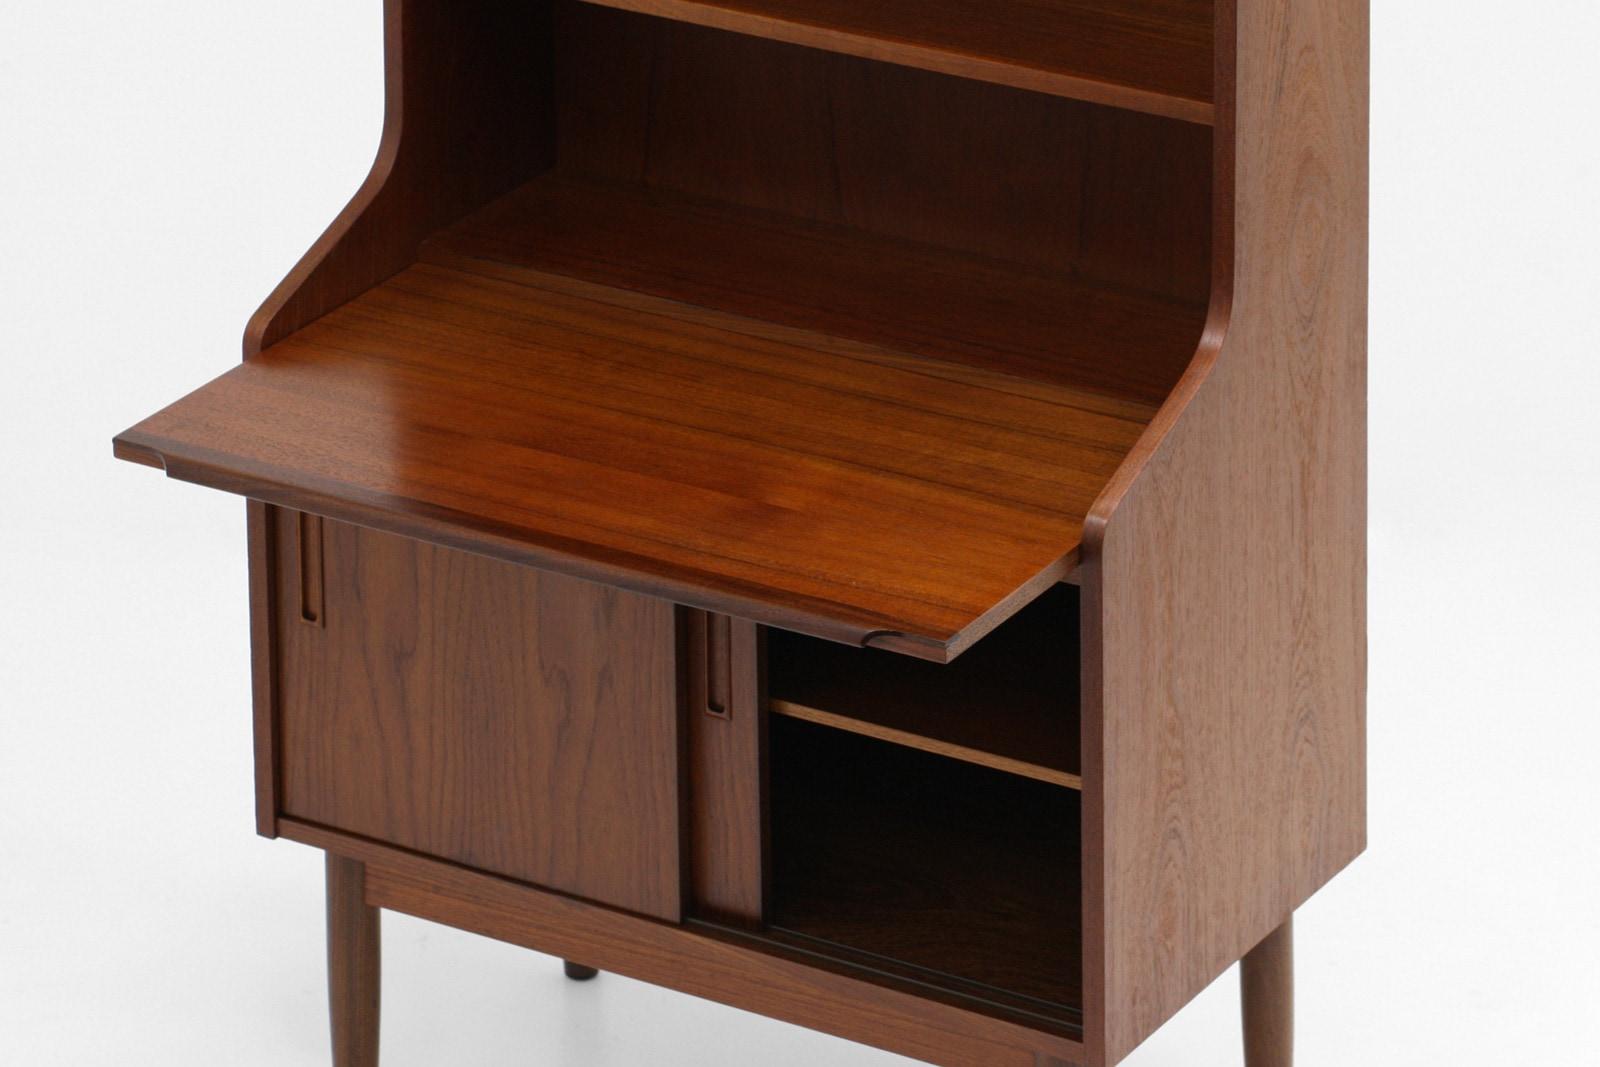 ヴィンテージ,北欧,家具,ブックシェルフ,小さめ